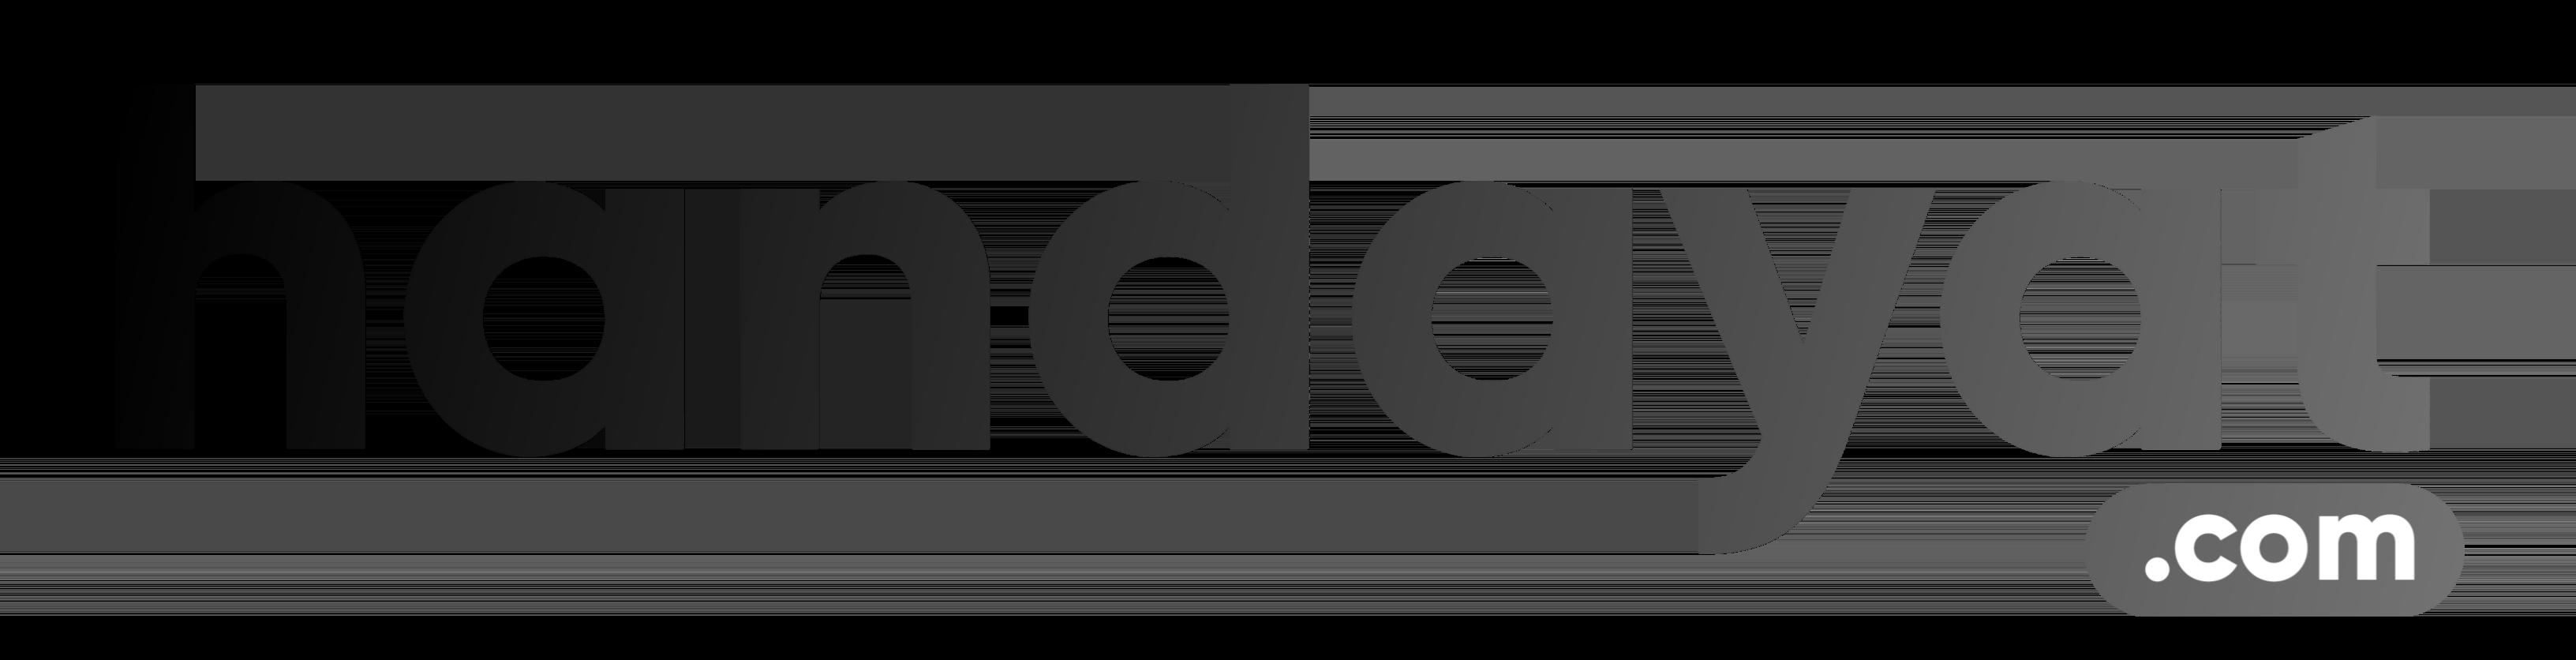 Handayat.com